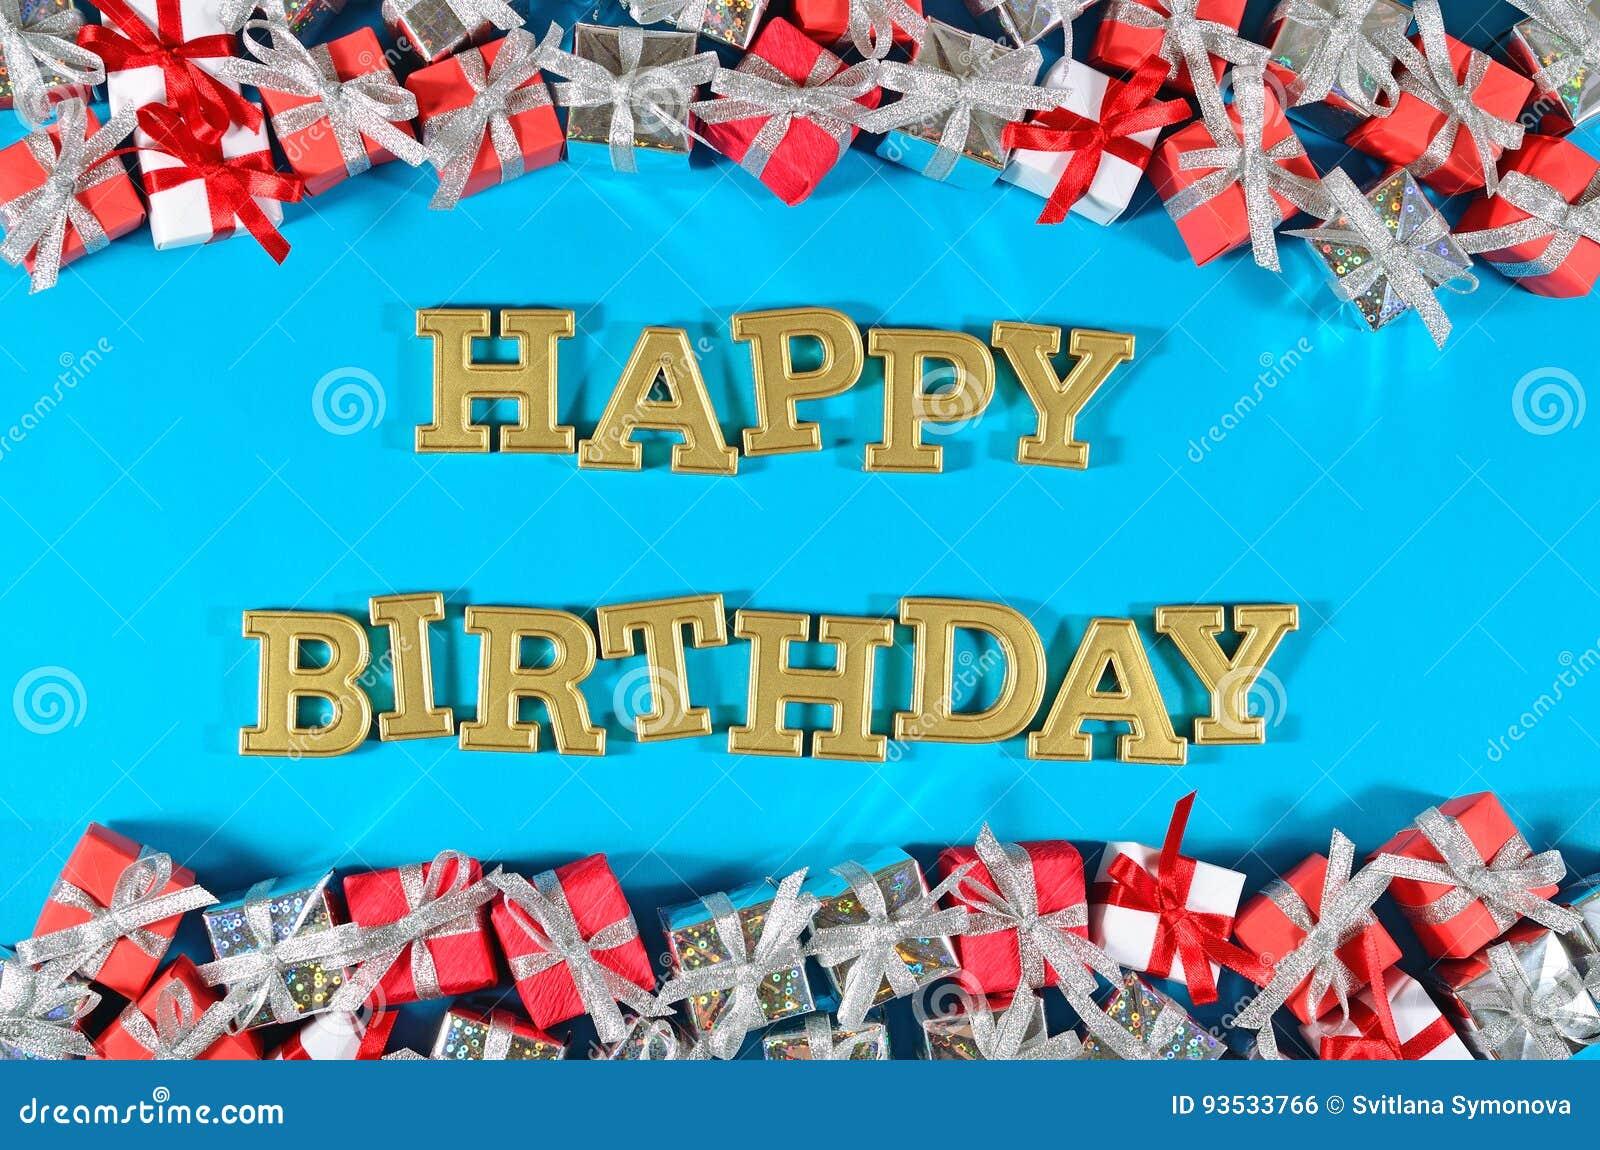 Goldener Text alles Gute zum Geburtstag und silberne und rote Geschenke auf einem Blau